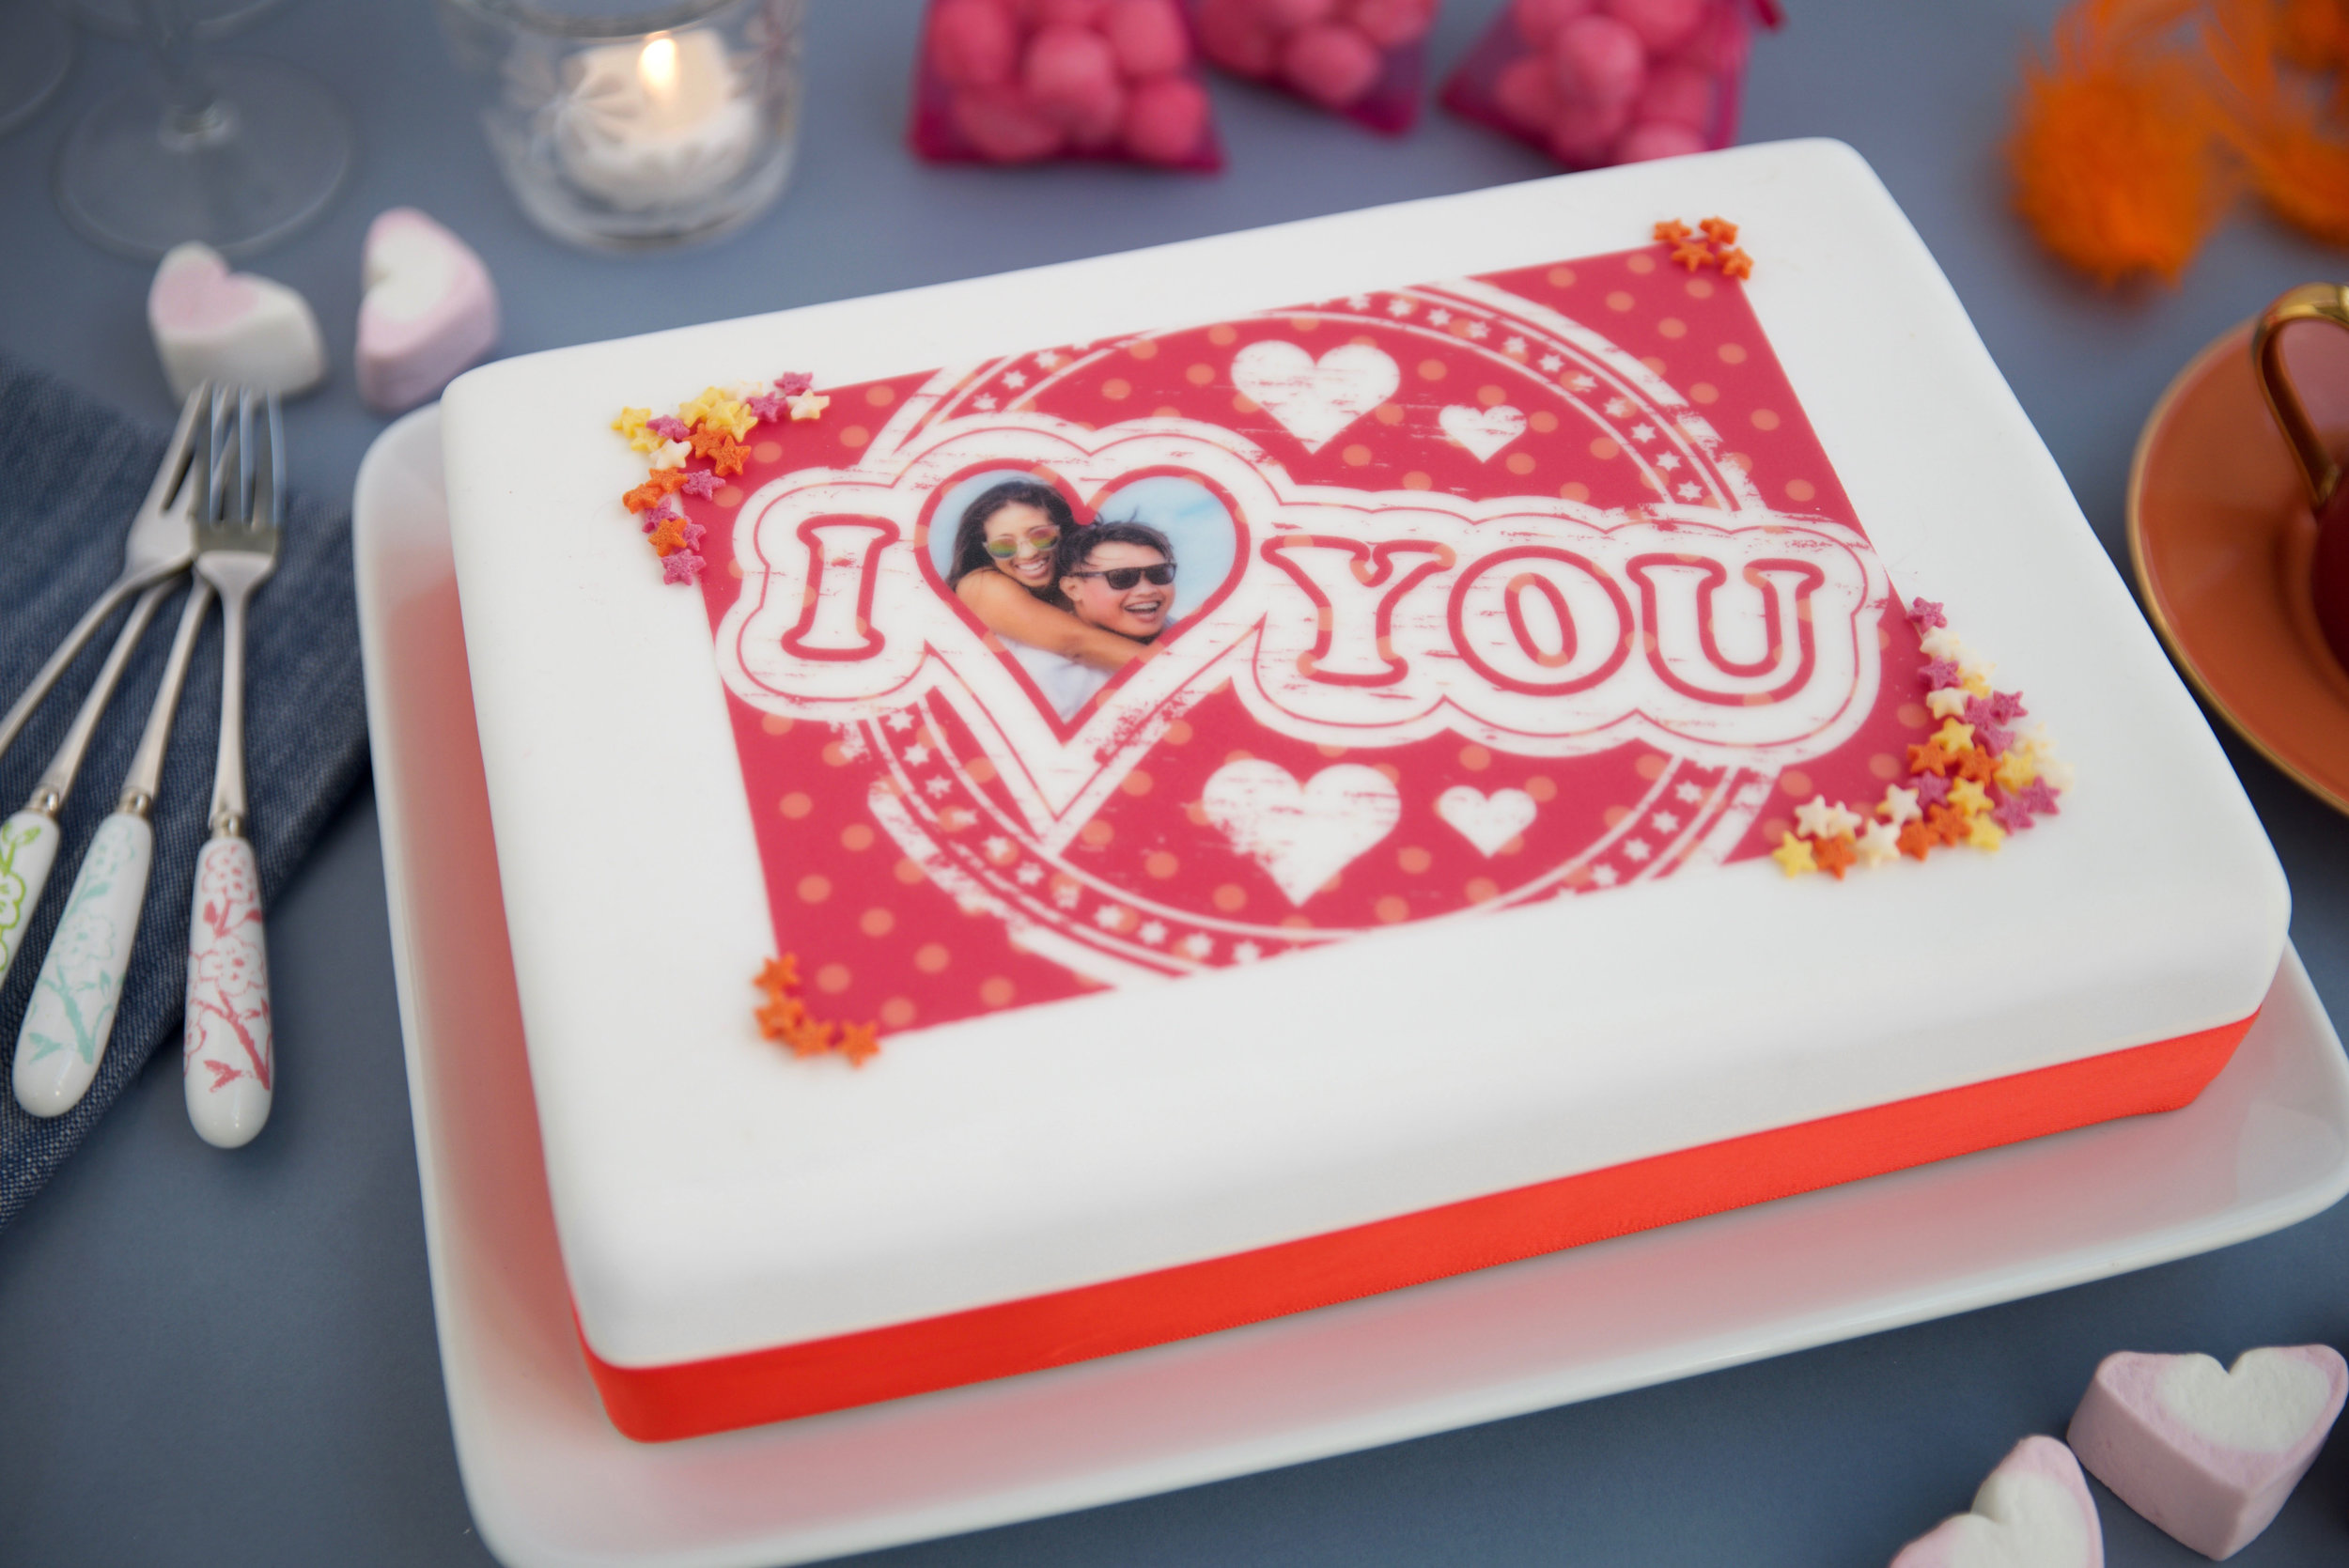 Valentine's cake.jpg